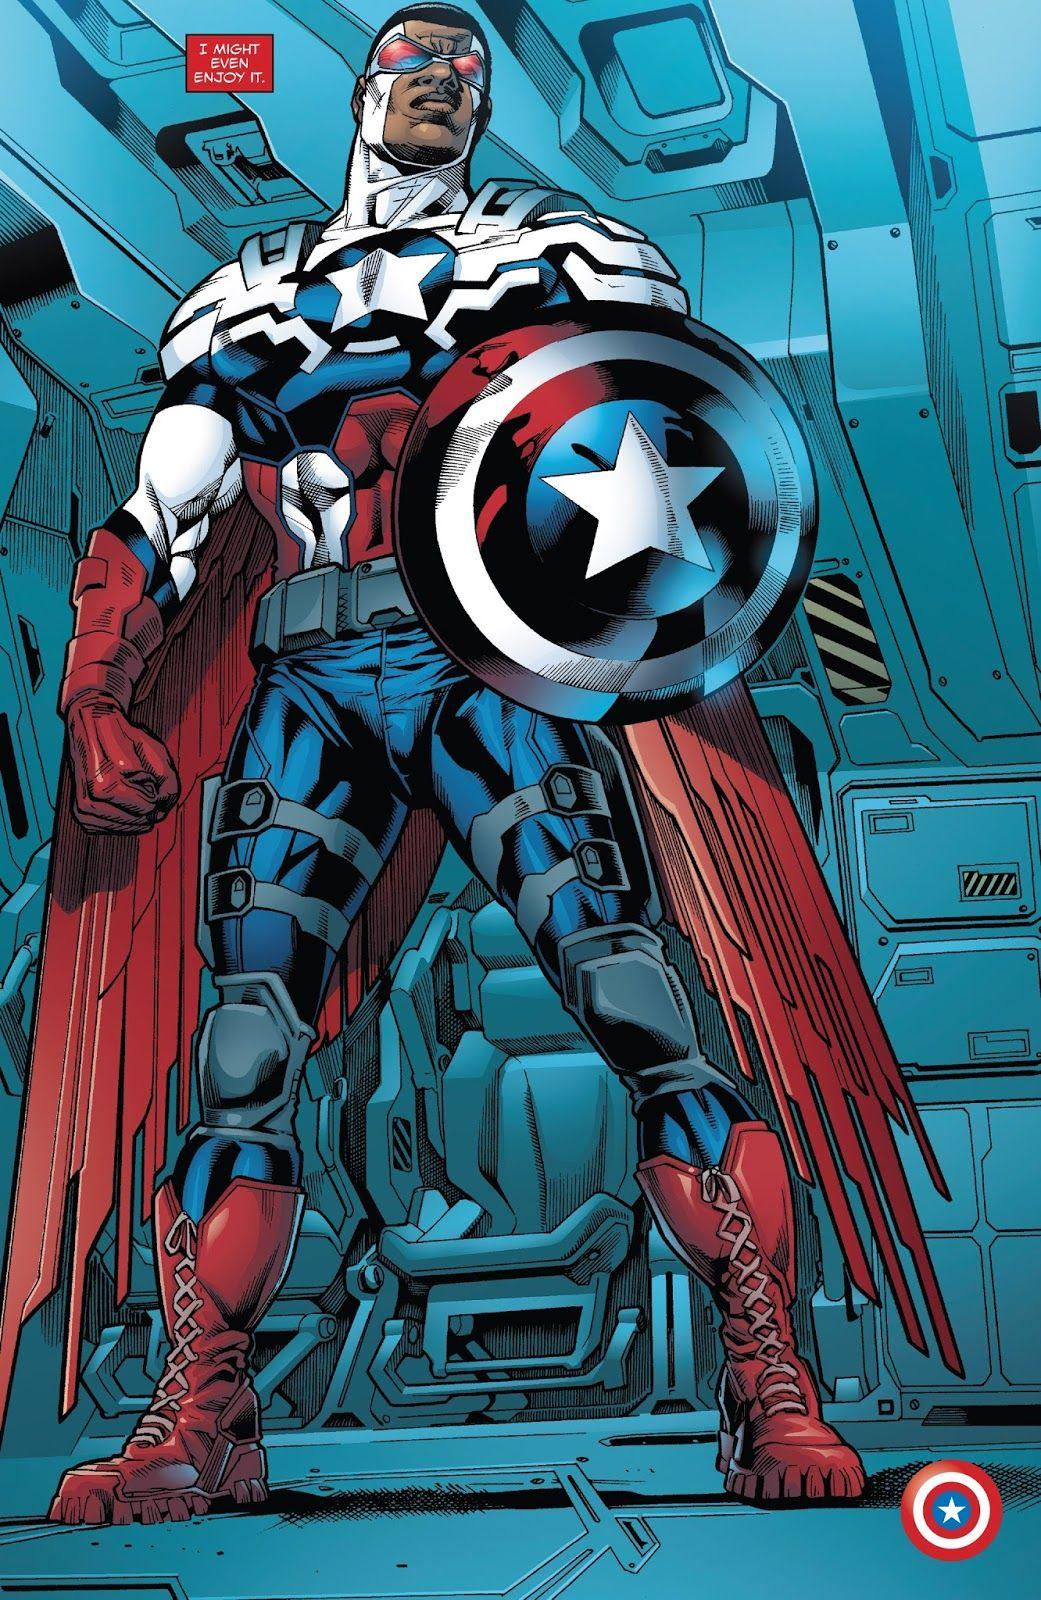 Marvel Avengers: Endgame Teases Falcon & Winter Soldier